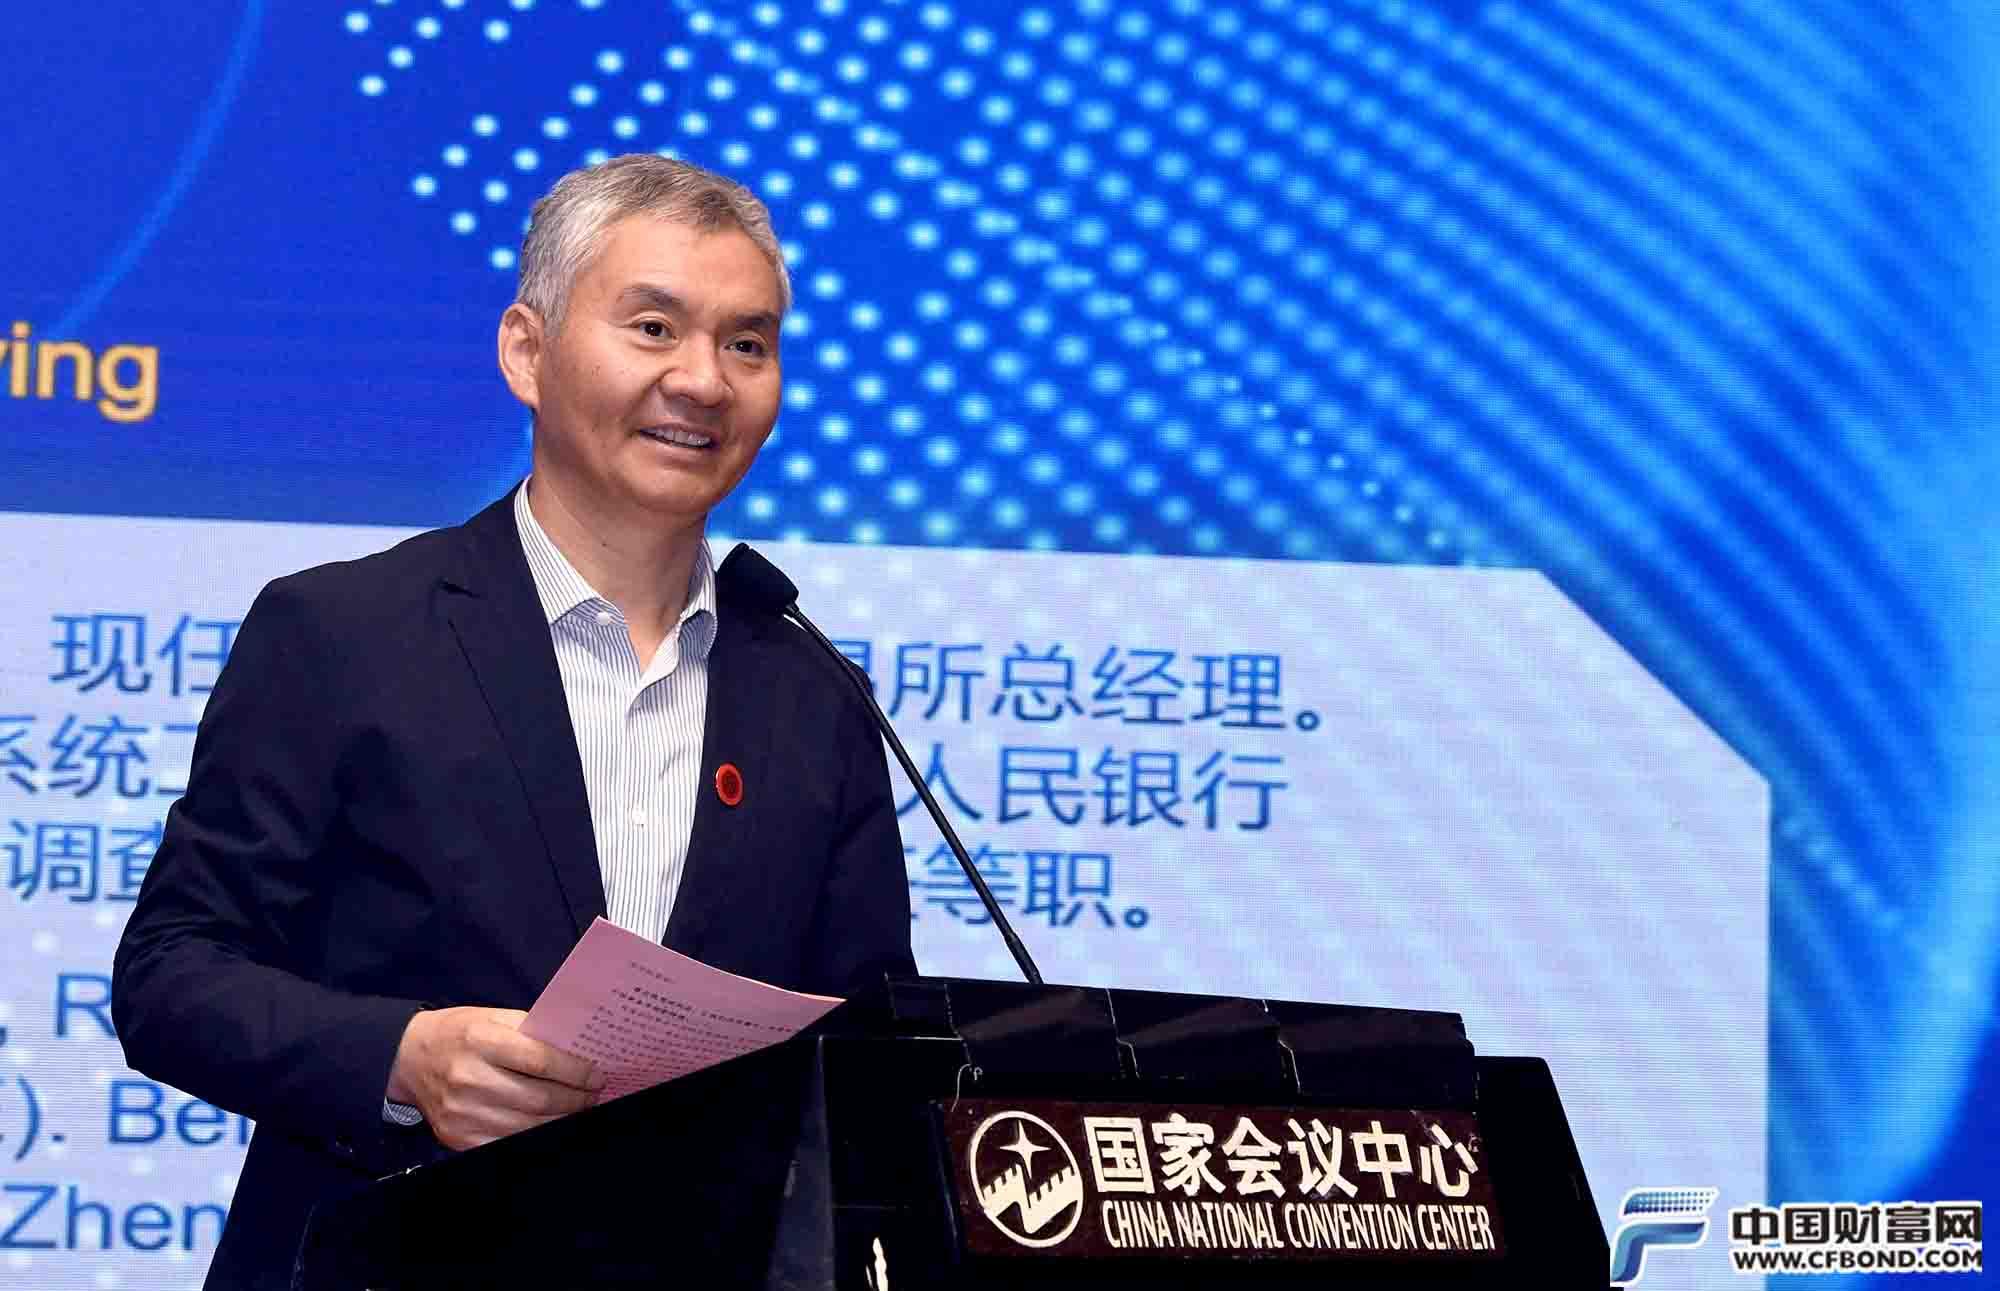 上海黄金交易所总经理王振营发表演讲